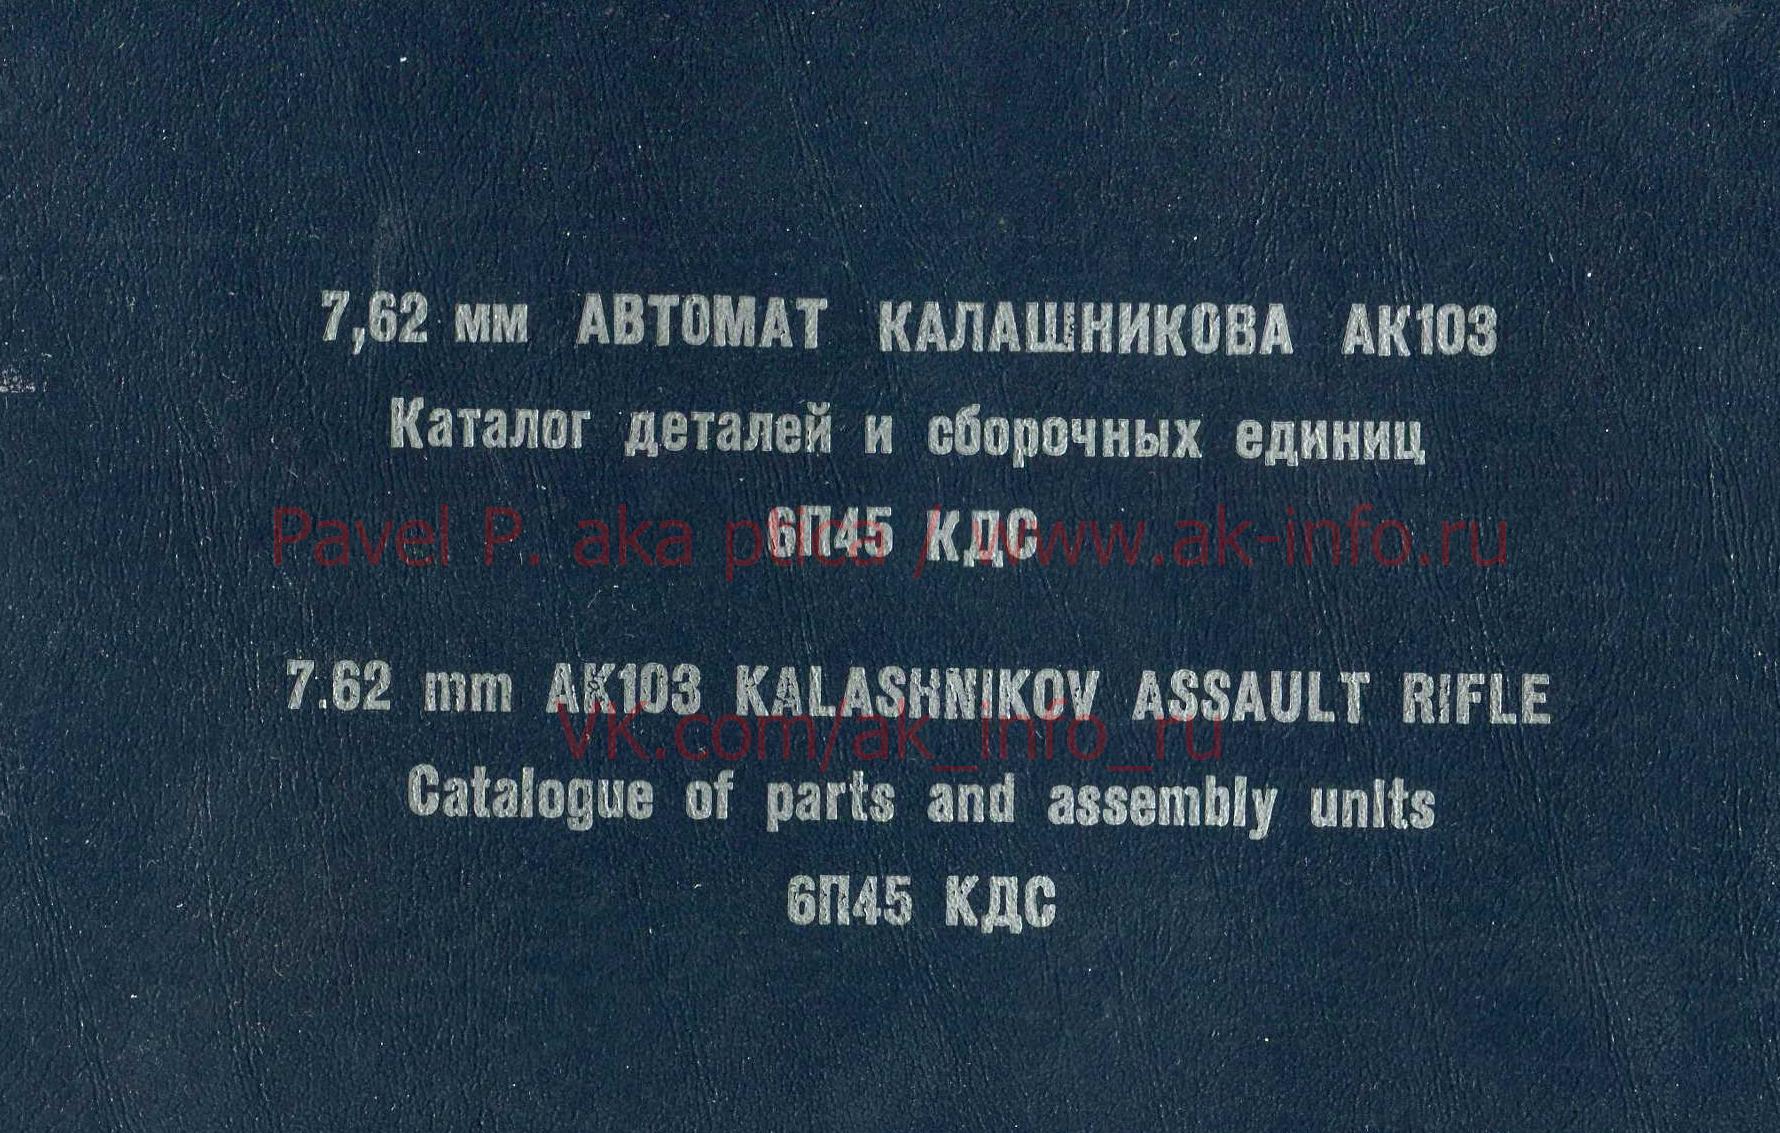 7,62 мм автомат Калашникова АК103. Каталог деталей и сборочных единиц. 6П45 КДС. 2004 г. / 7,62 mm AK103 Kalashnikov assault rifle. Catalogue of parts and assembly units